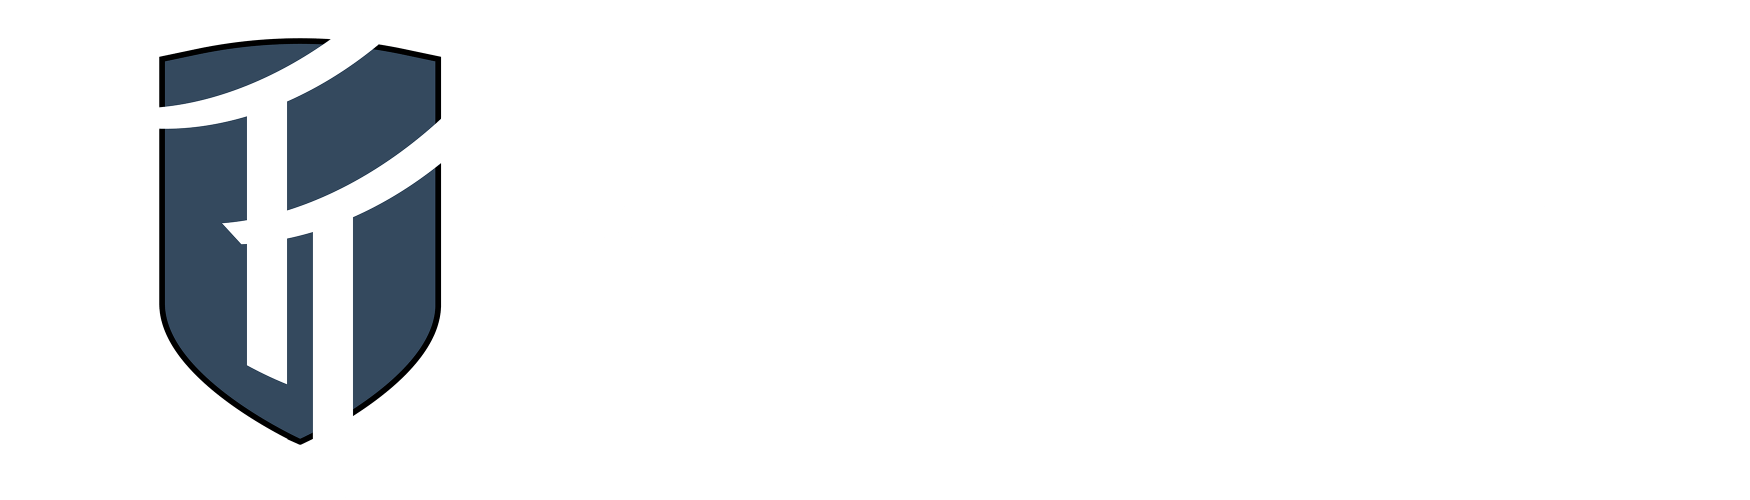 TT Mediadesign